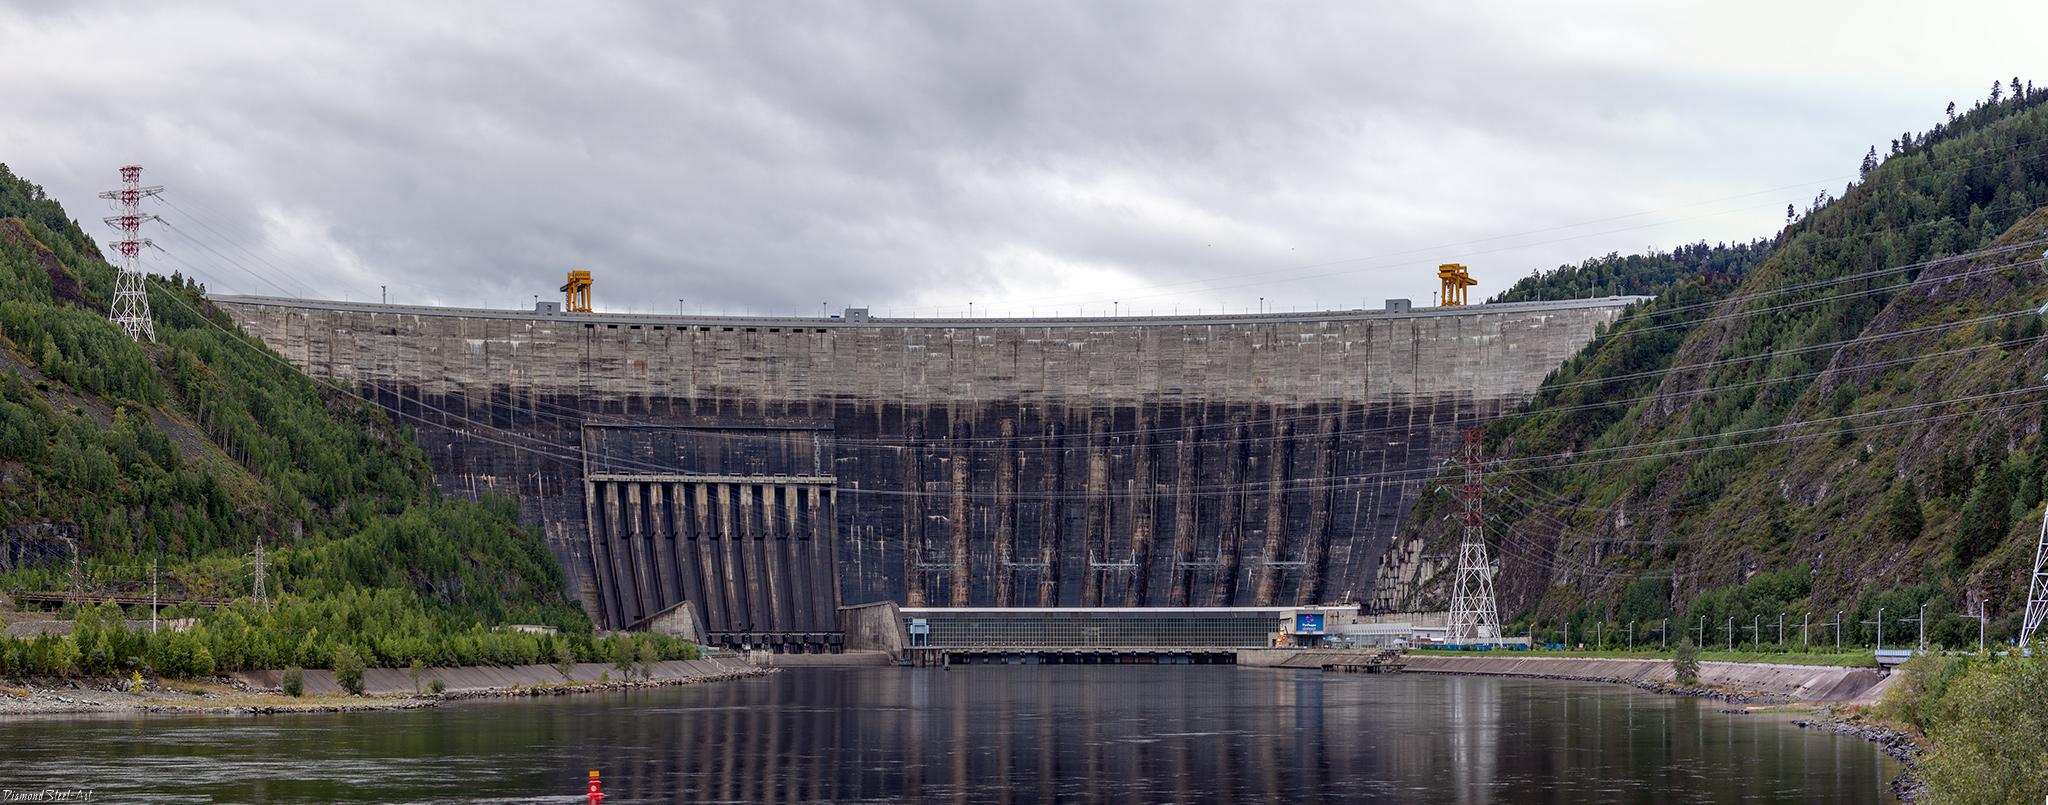 Саяно-Шушенская ГЭС им. П. С. Непорожнего